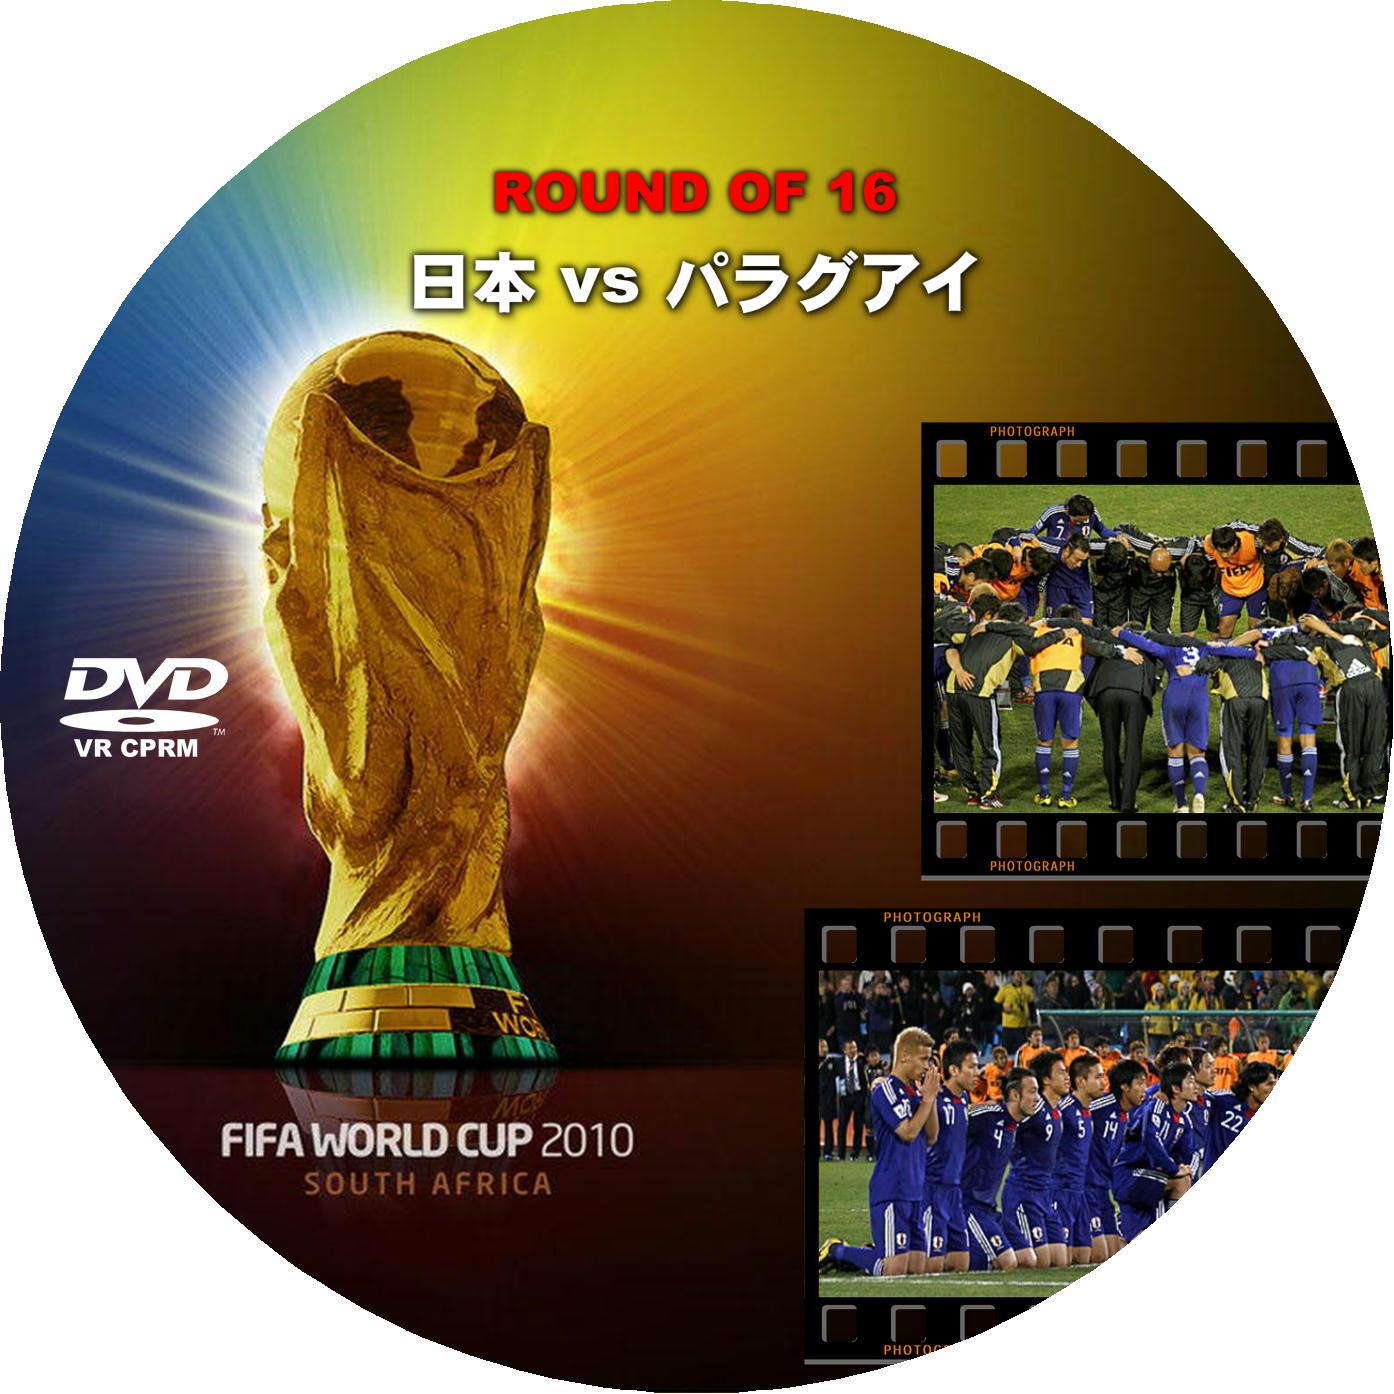 FIFA ワールドカップ 2010 日本 vs パラグアイ DVDラベル